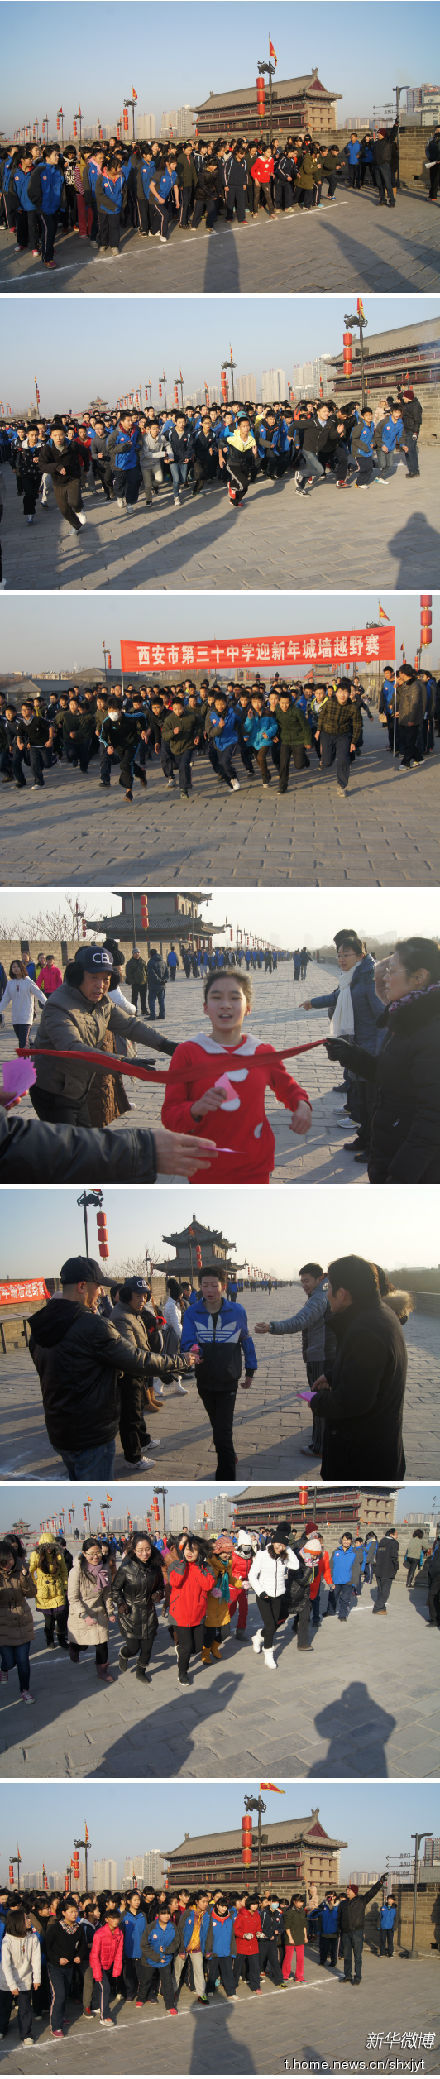 陕西省教育厅官方认证微博报道我校迎新年越野赛